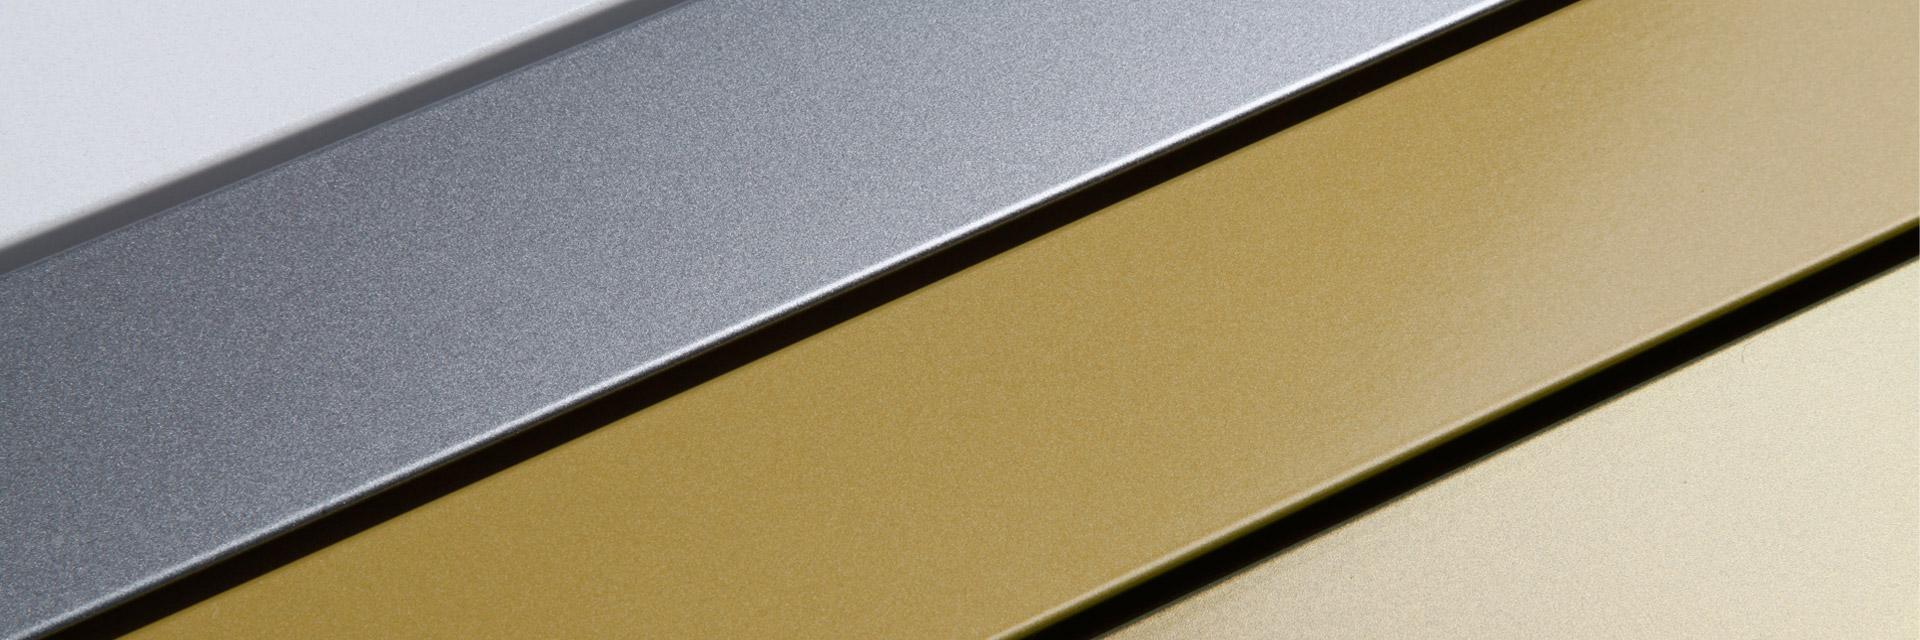 Profile lackiert mit goldenen und silbernen Tönen aus der Duraflon-Designserie